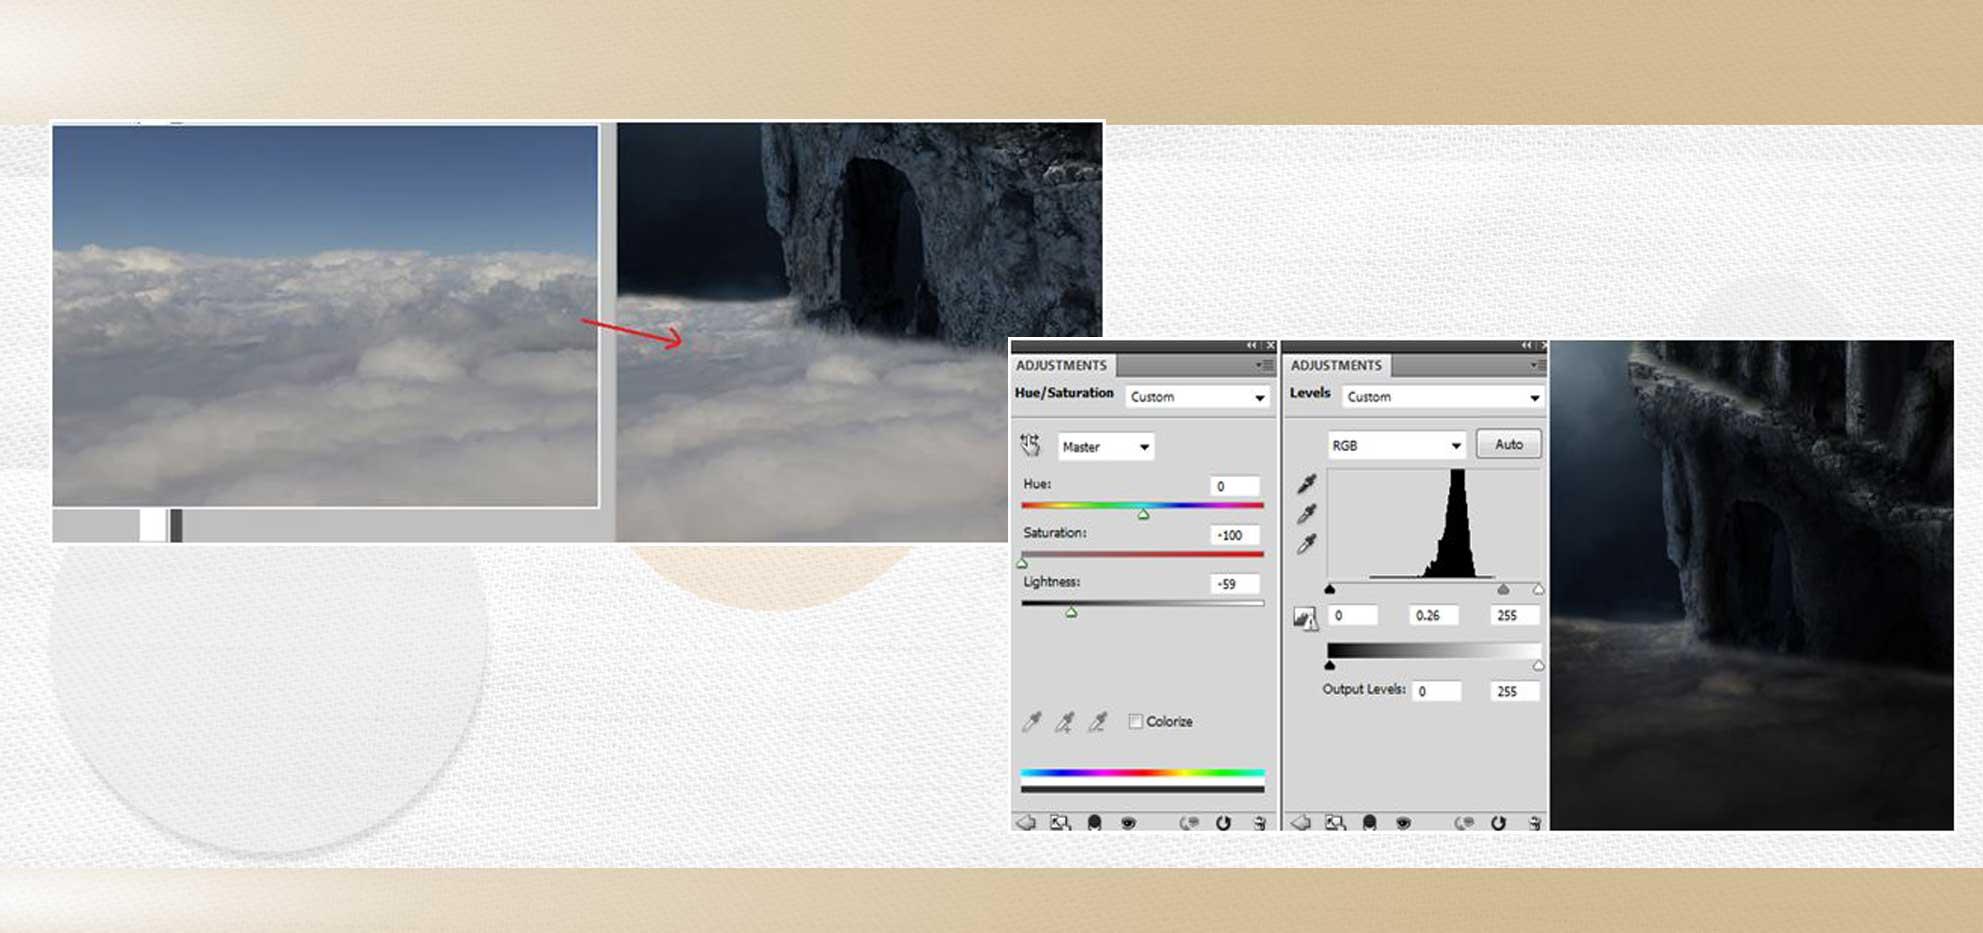 sakhte ghalee 17 - آموزش تصویری ساخت قلعه در فتوشاپ